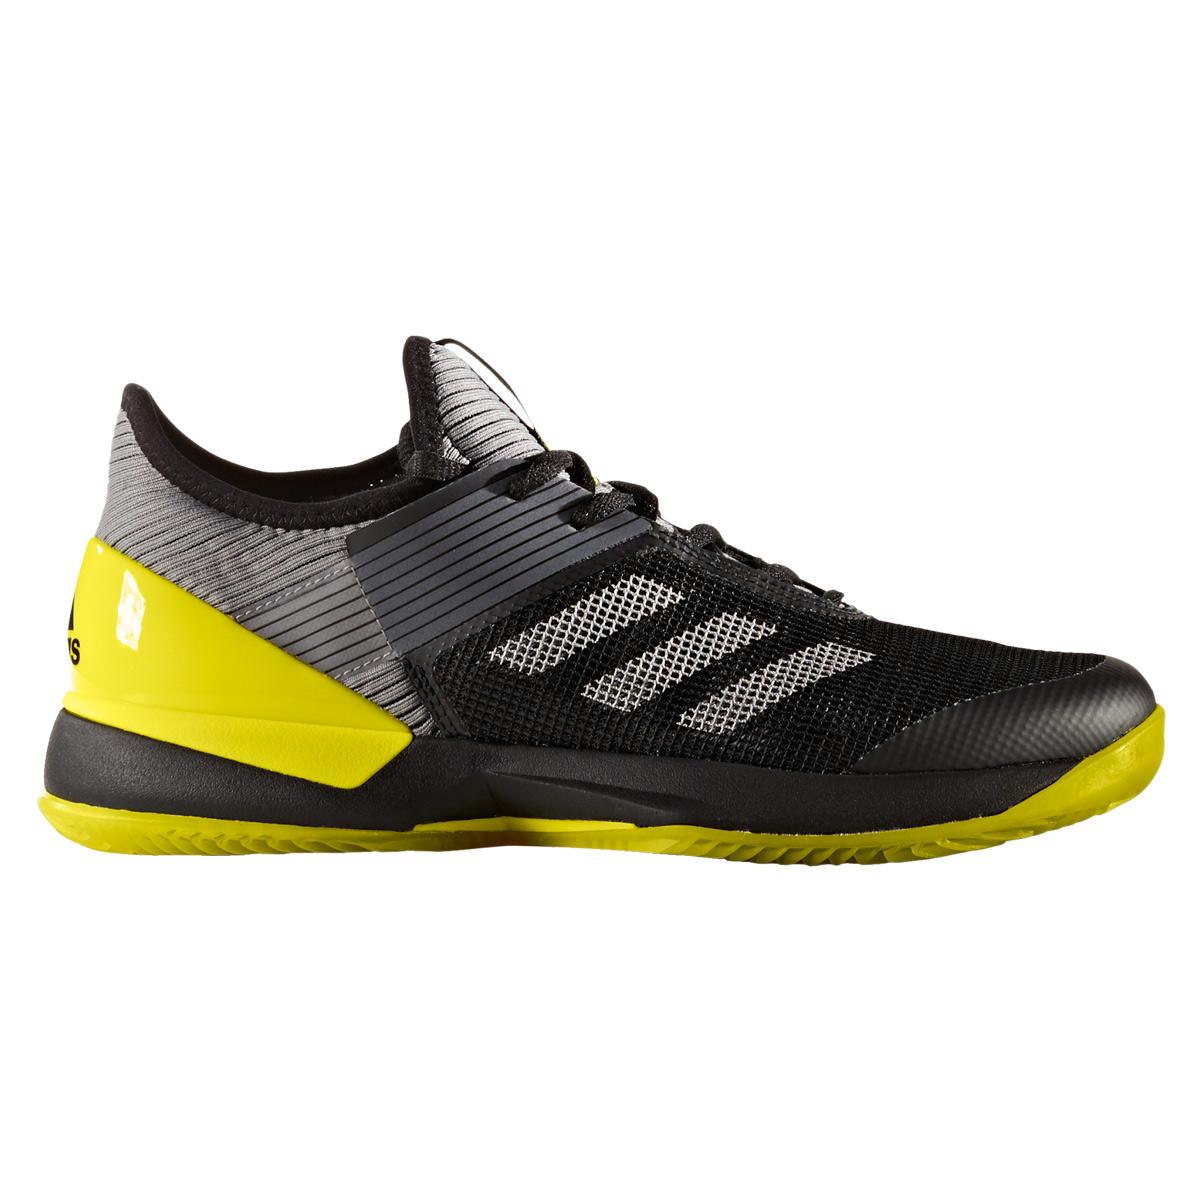 Die Schuhe verlangen die komplette Aufmerksamkeit